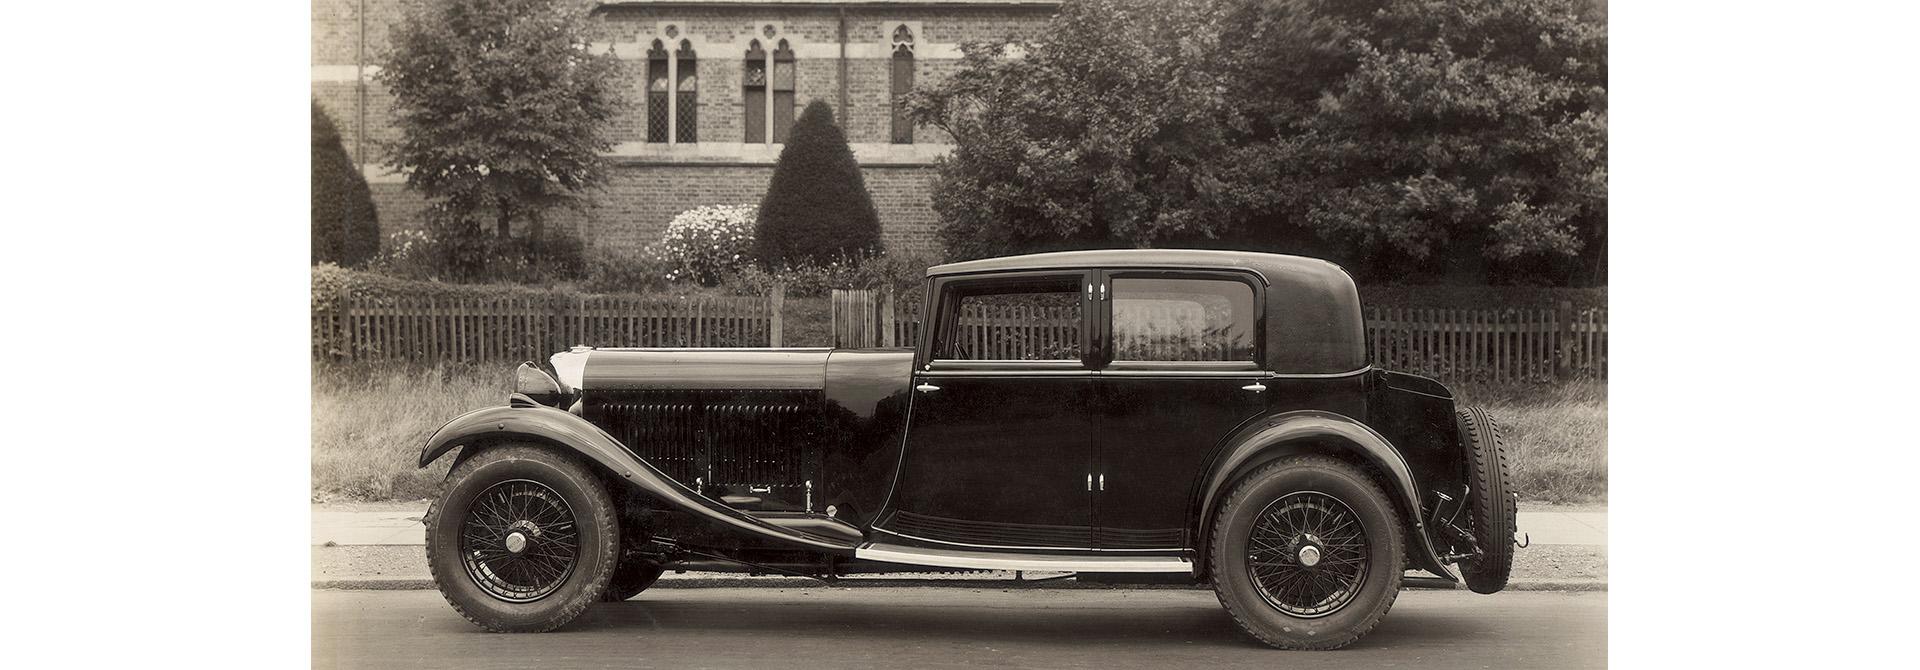 Bentley Motors Website World Of Bentley The Bentley Story History